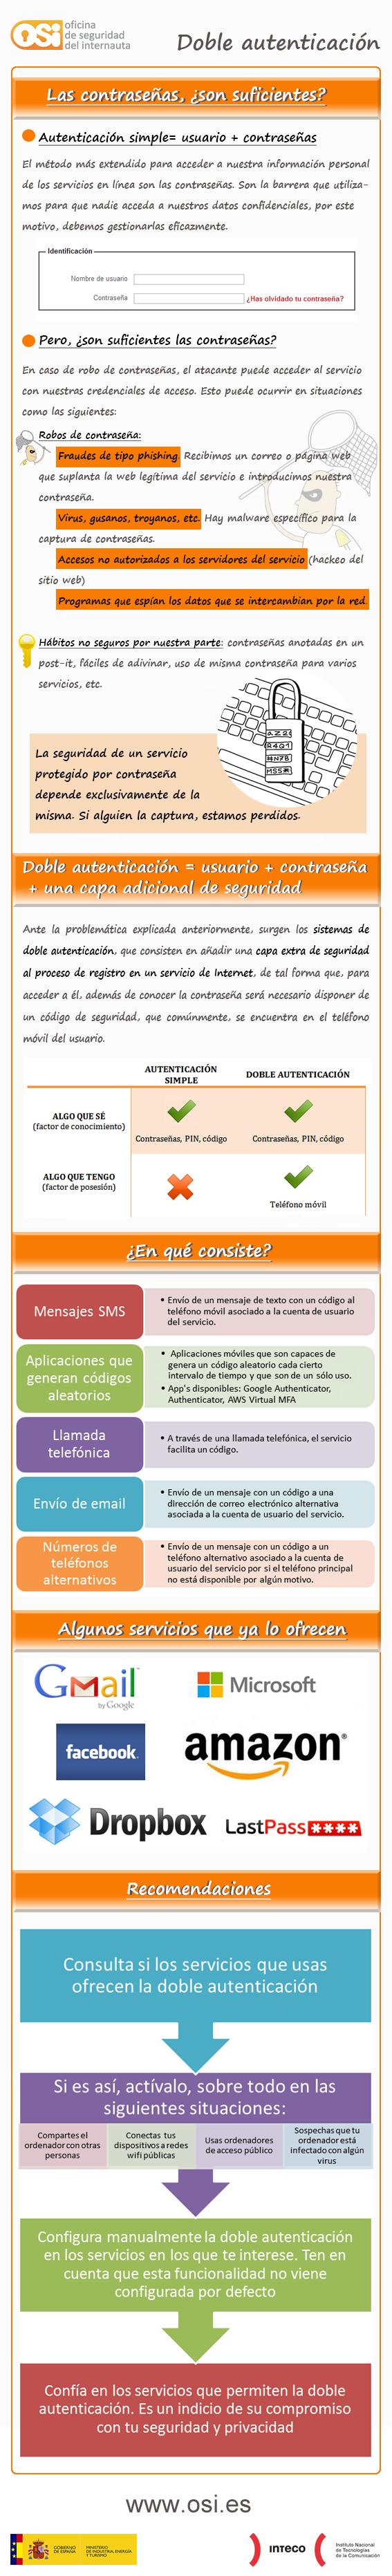 Seguridad doble autenticación #Infografia